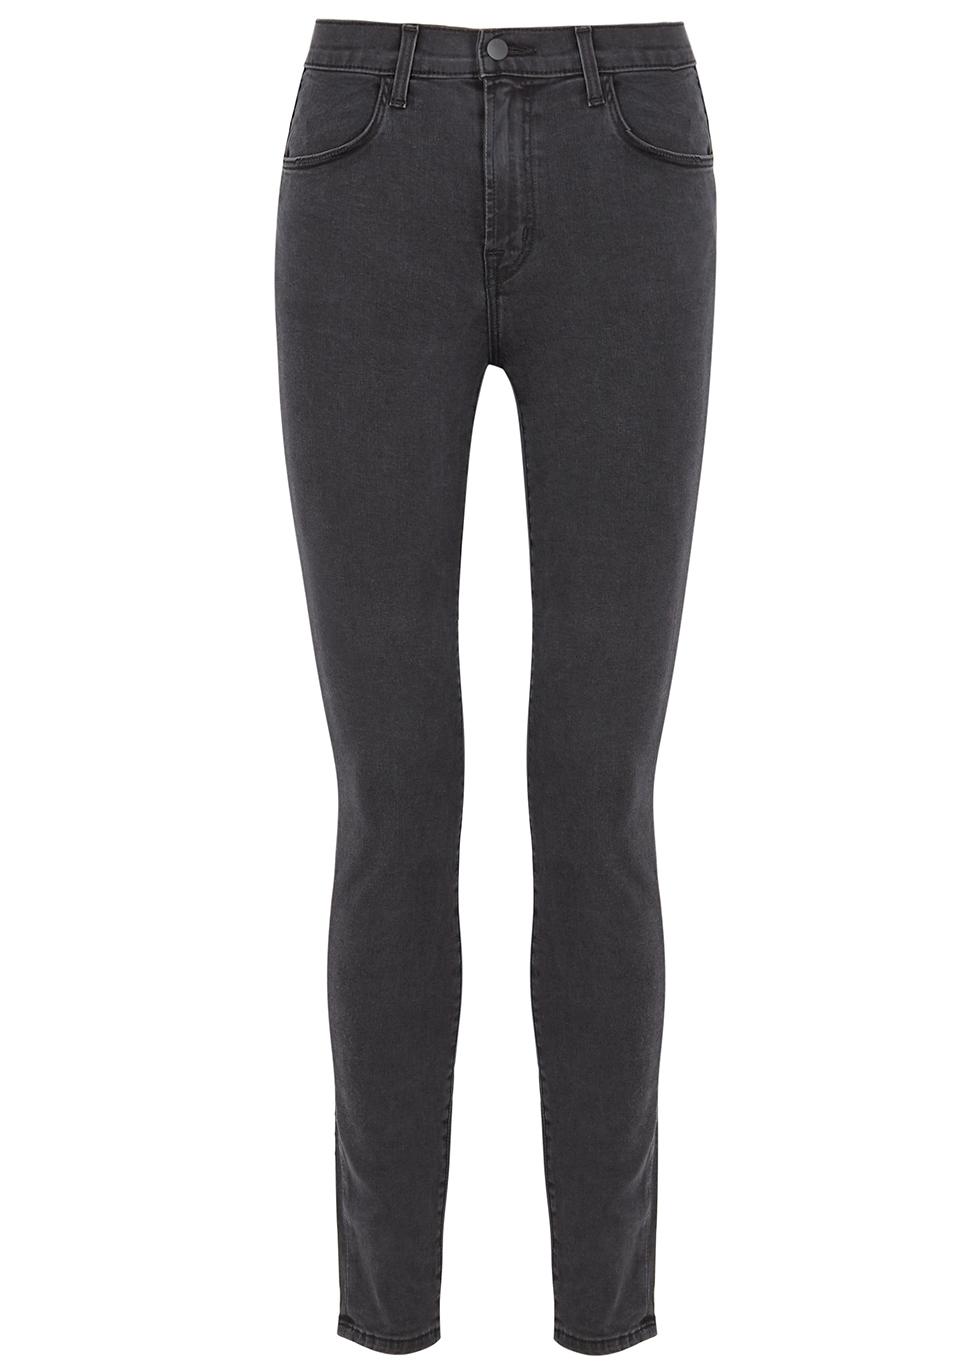 Maria black denim jeans